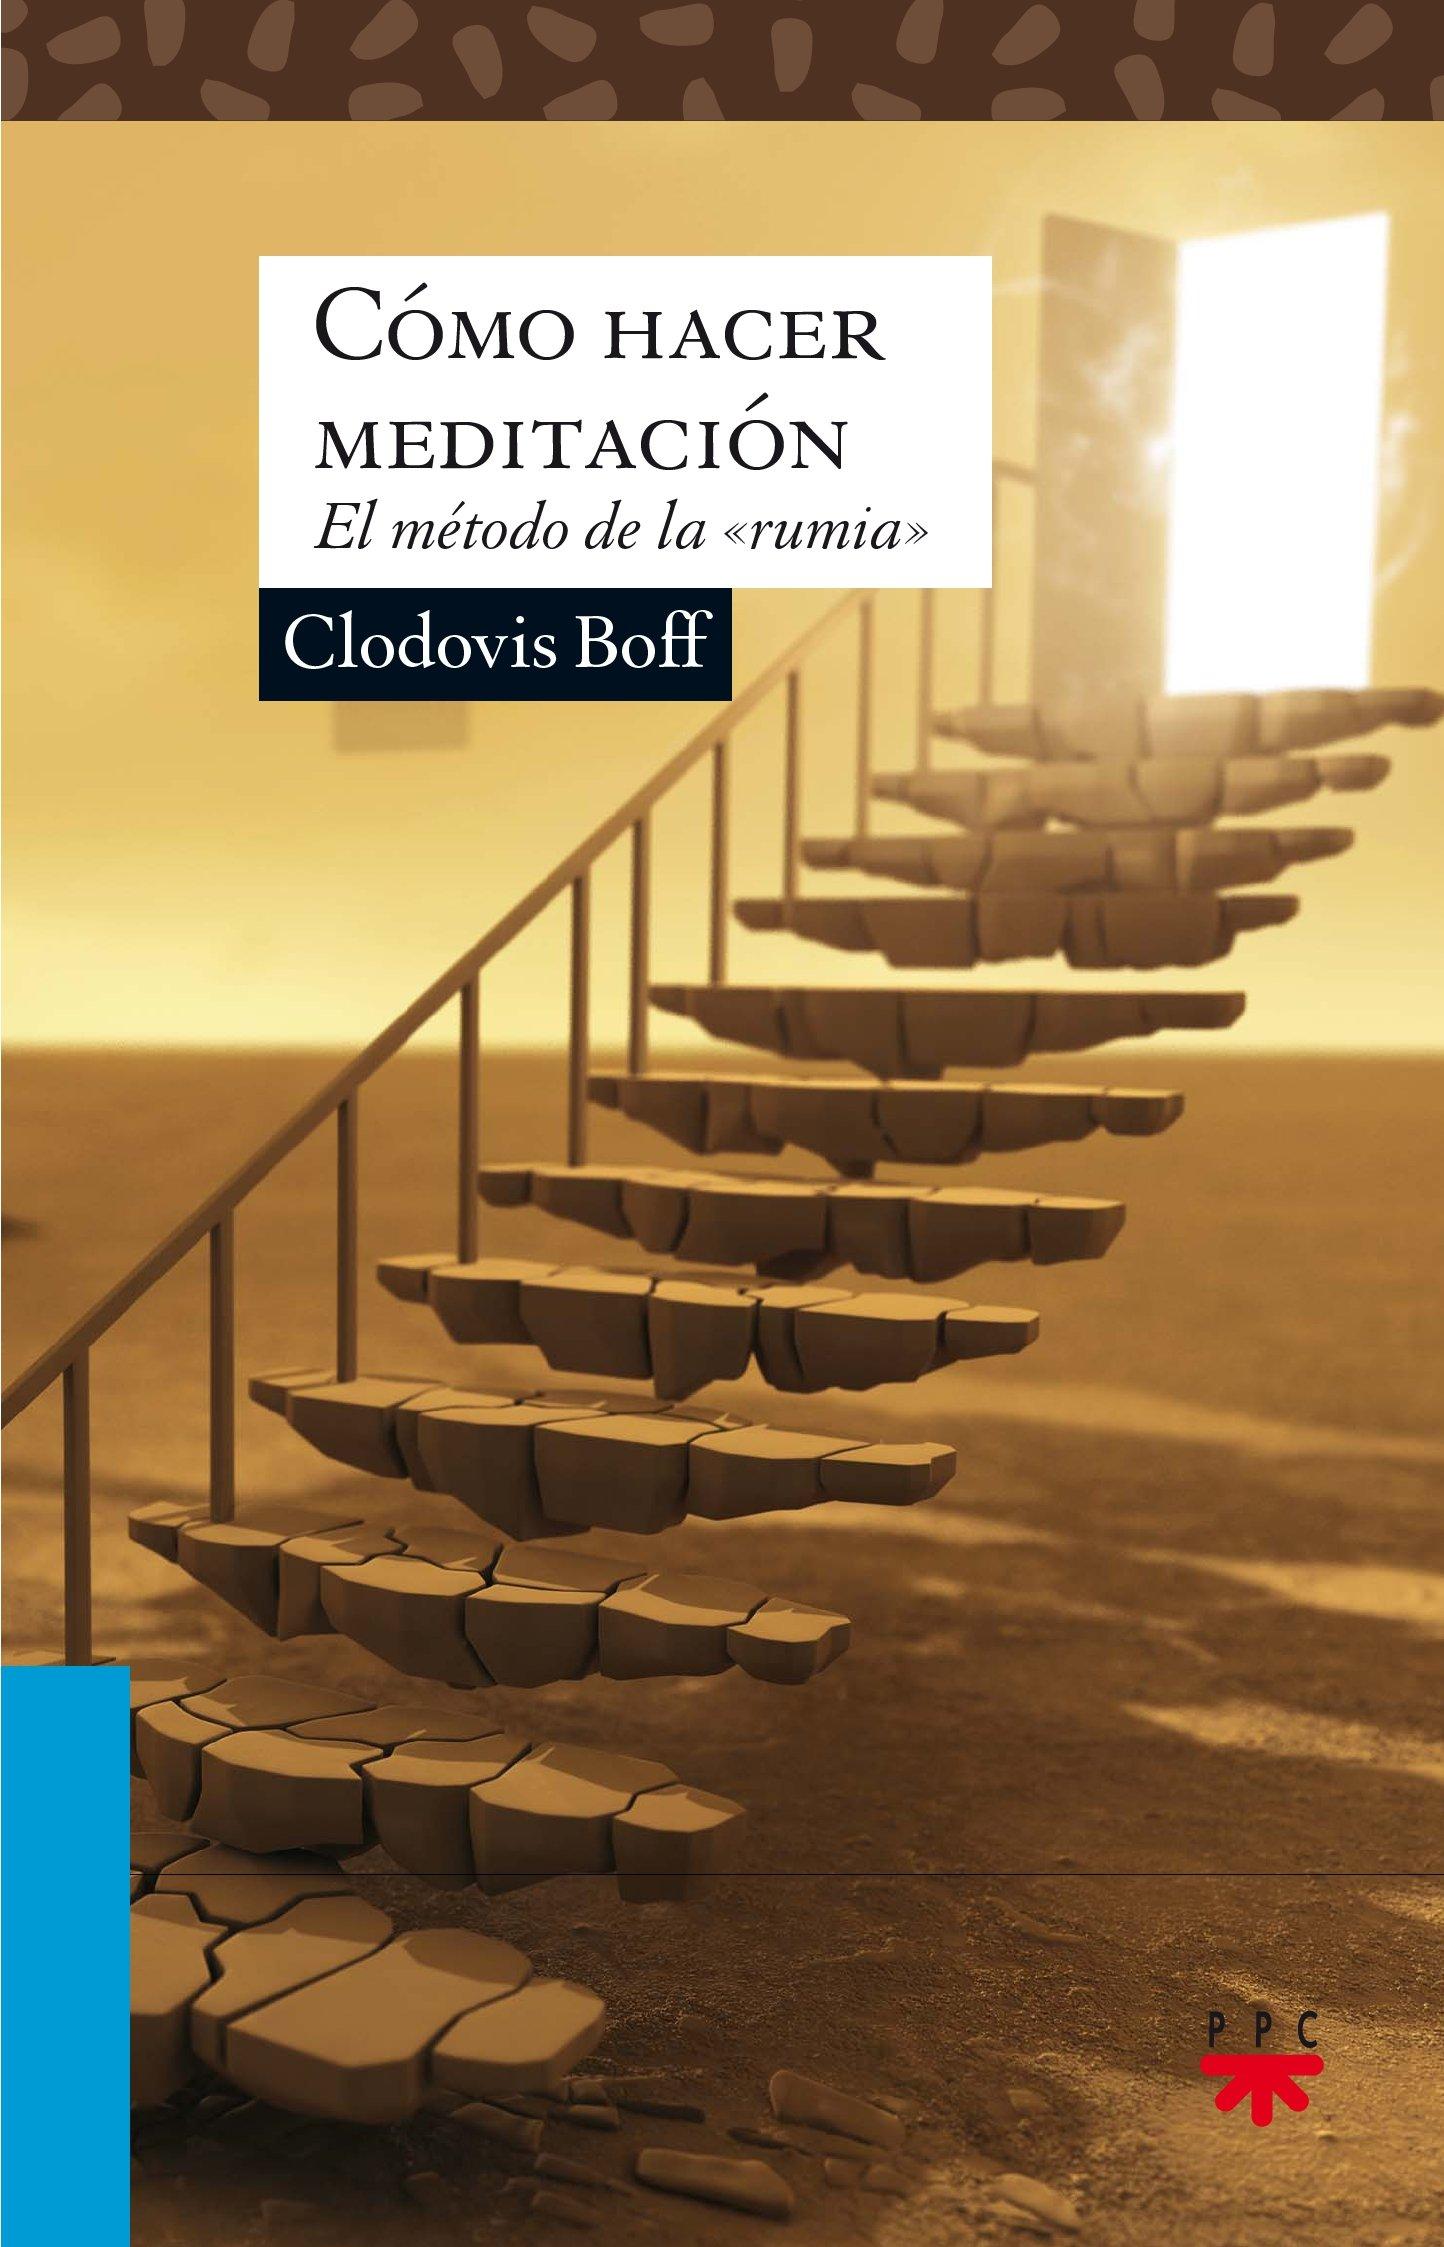 Cómo Hacer Meditación: El método de la